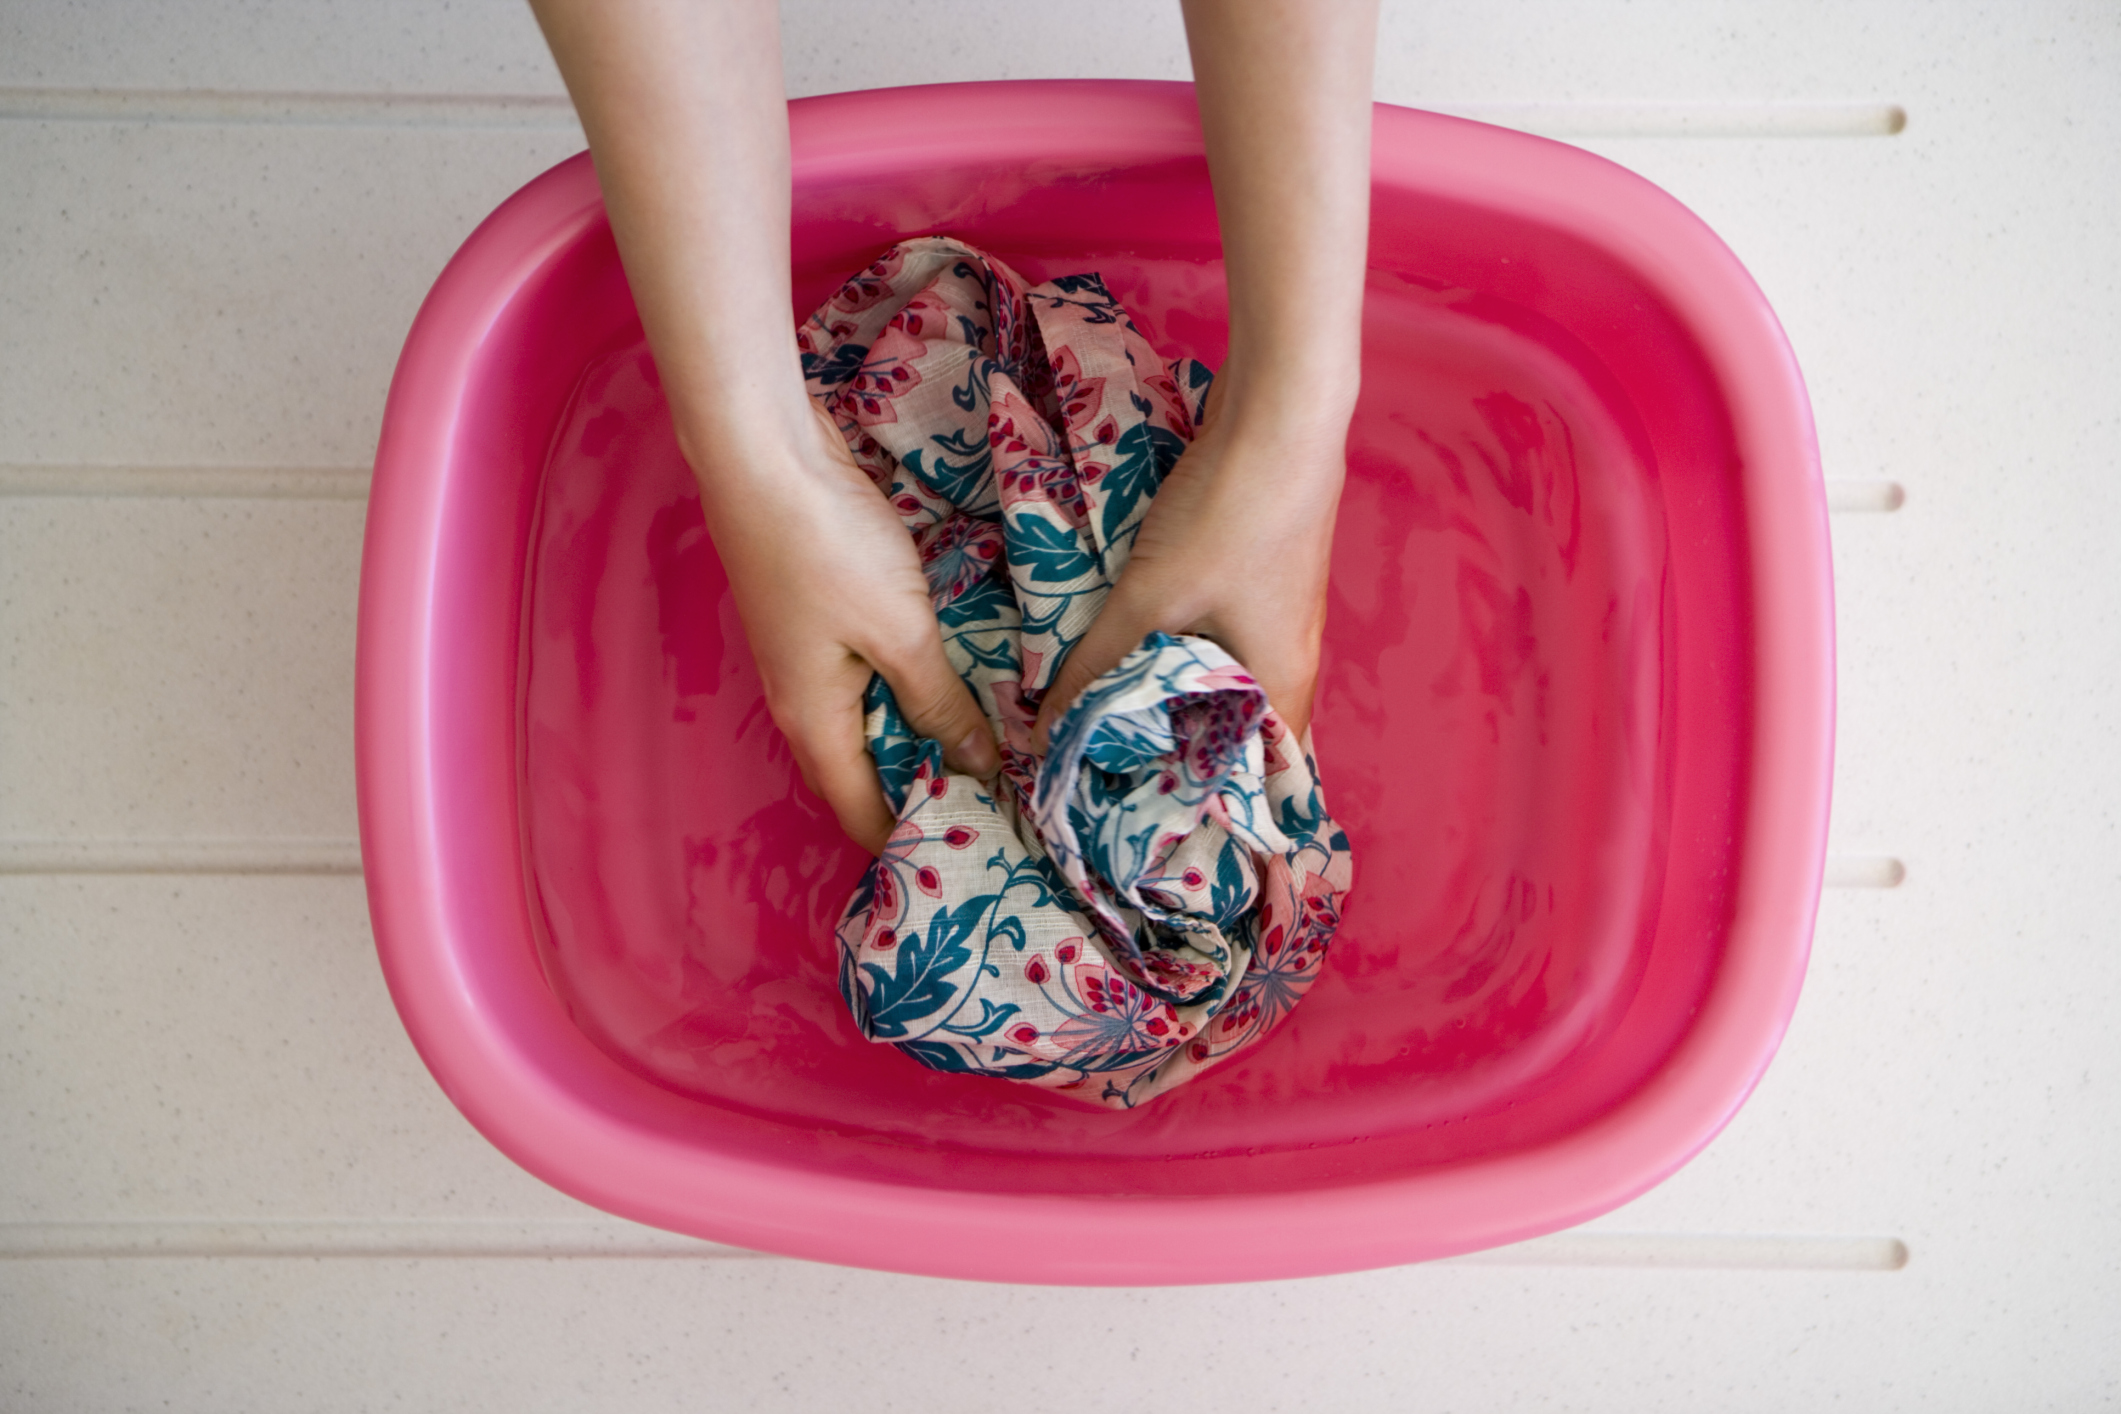 Αποτέλεσμα εικόνας για hand wash clothes